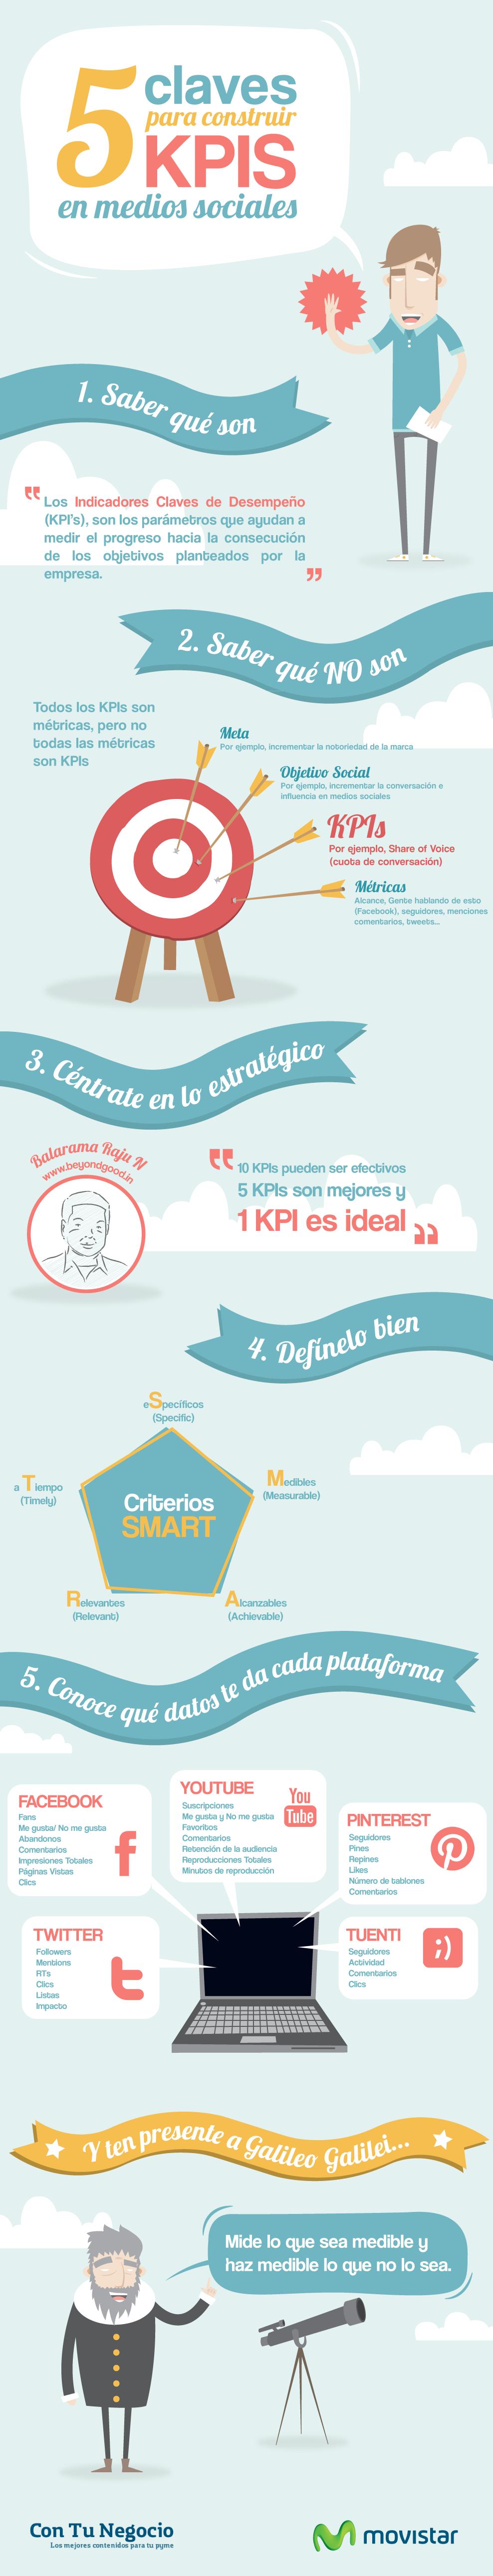 5 claves para construir KPIs en las redes sociales